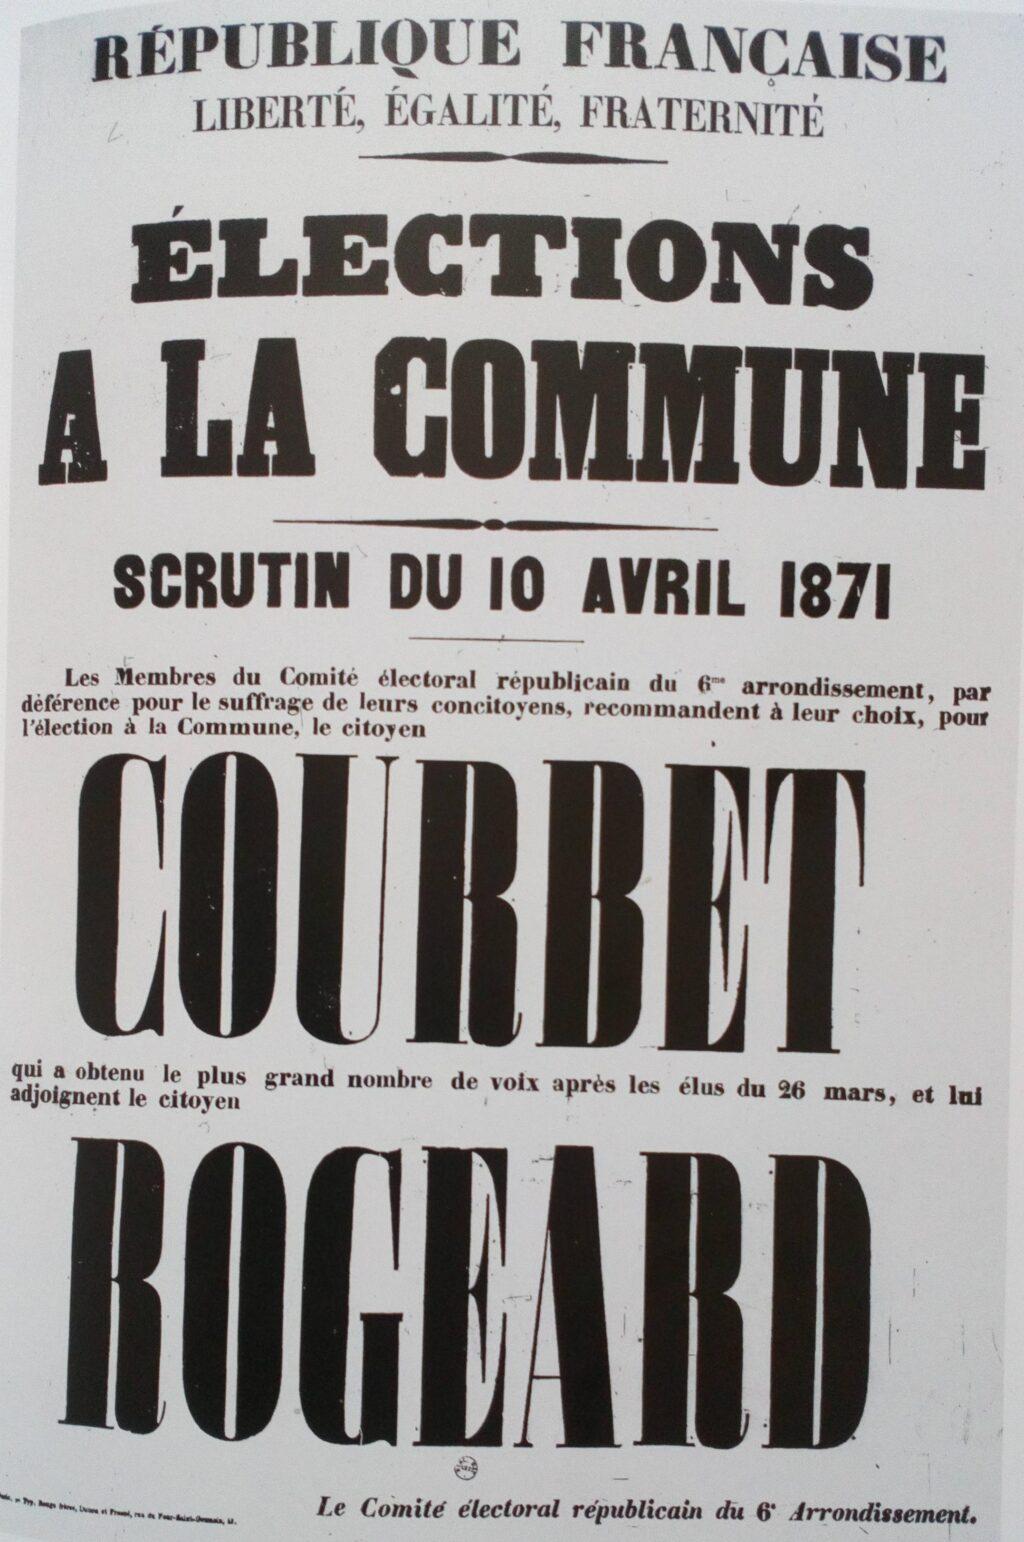 Élections repoussées au 16 avril 1871, Courbet et Rogeard candidats du comité électoral républicains du 6e Arrondissement